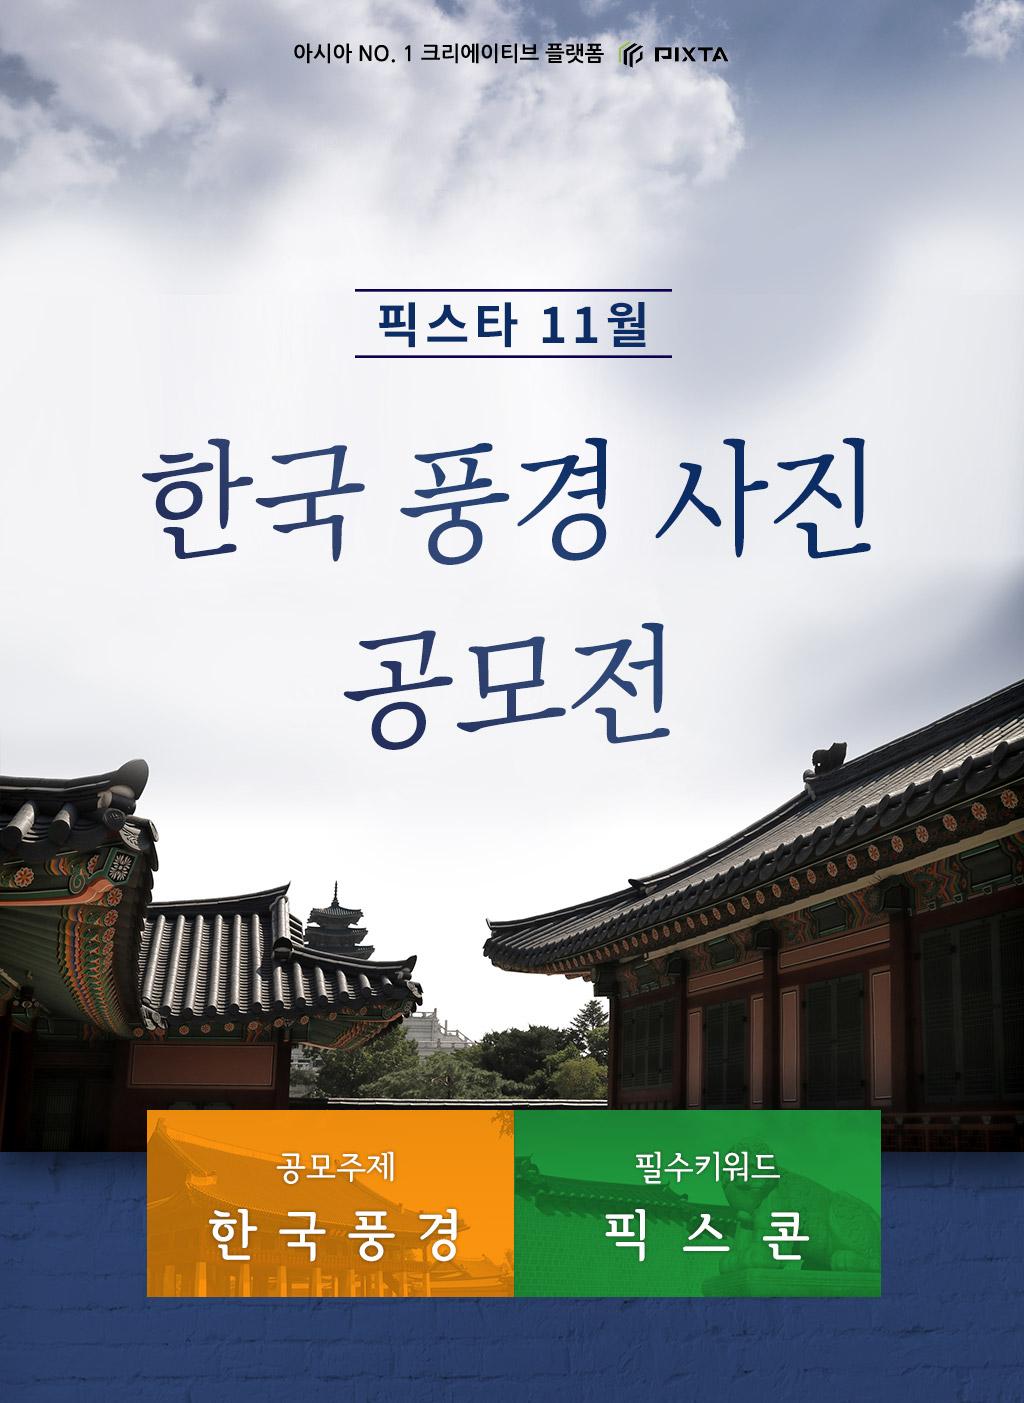 픽스타 11 월 한국 풍경 사진 공모전